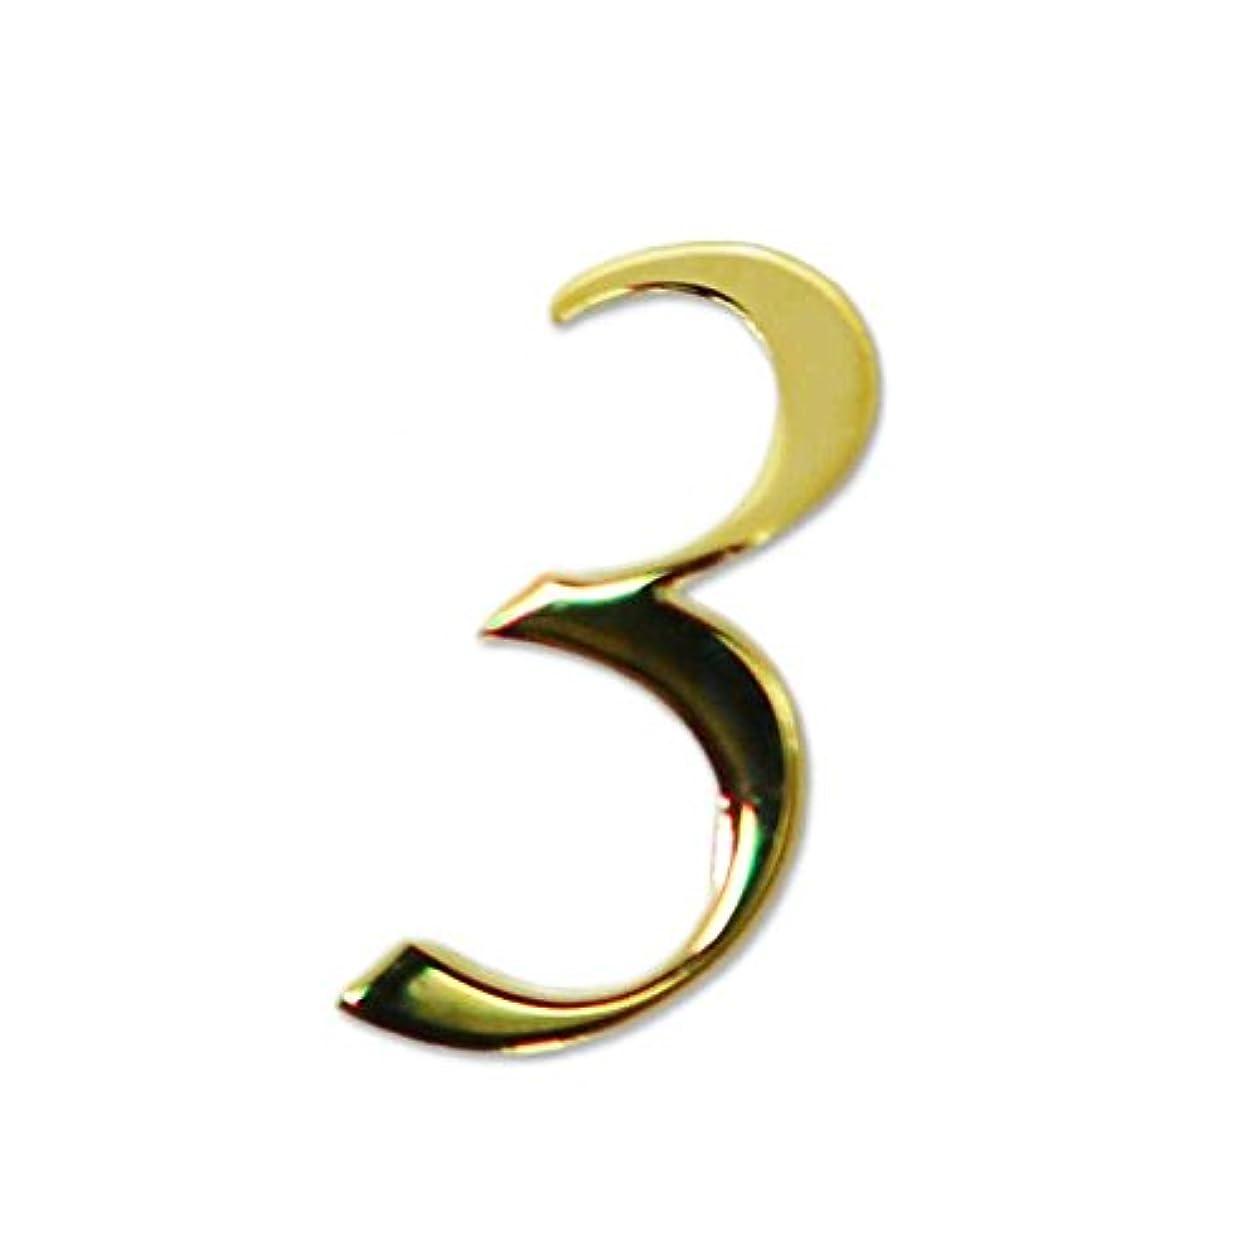 そばに平等有限3/ゴールド?数字の薄型メタルパーツ 3 (Three) 3mmx5mm ゴールド 10枚